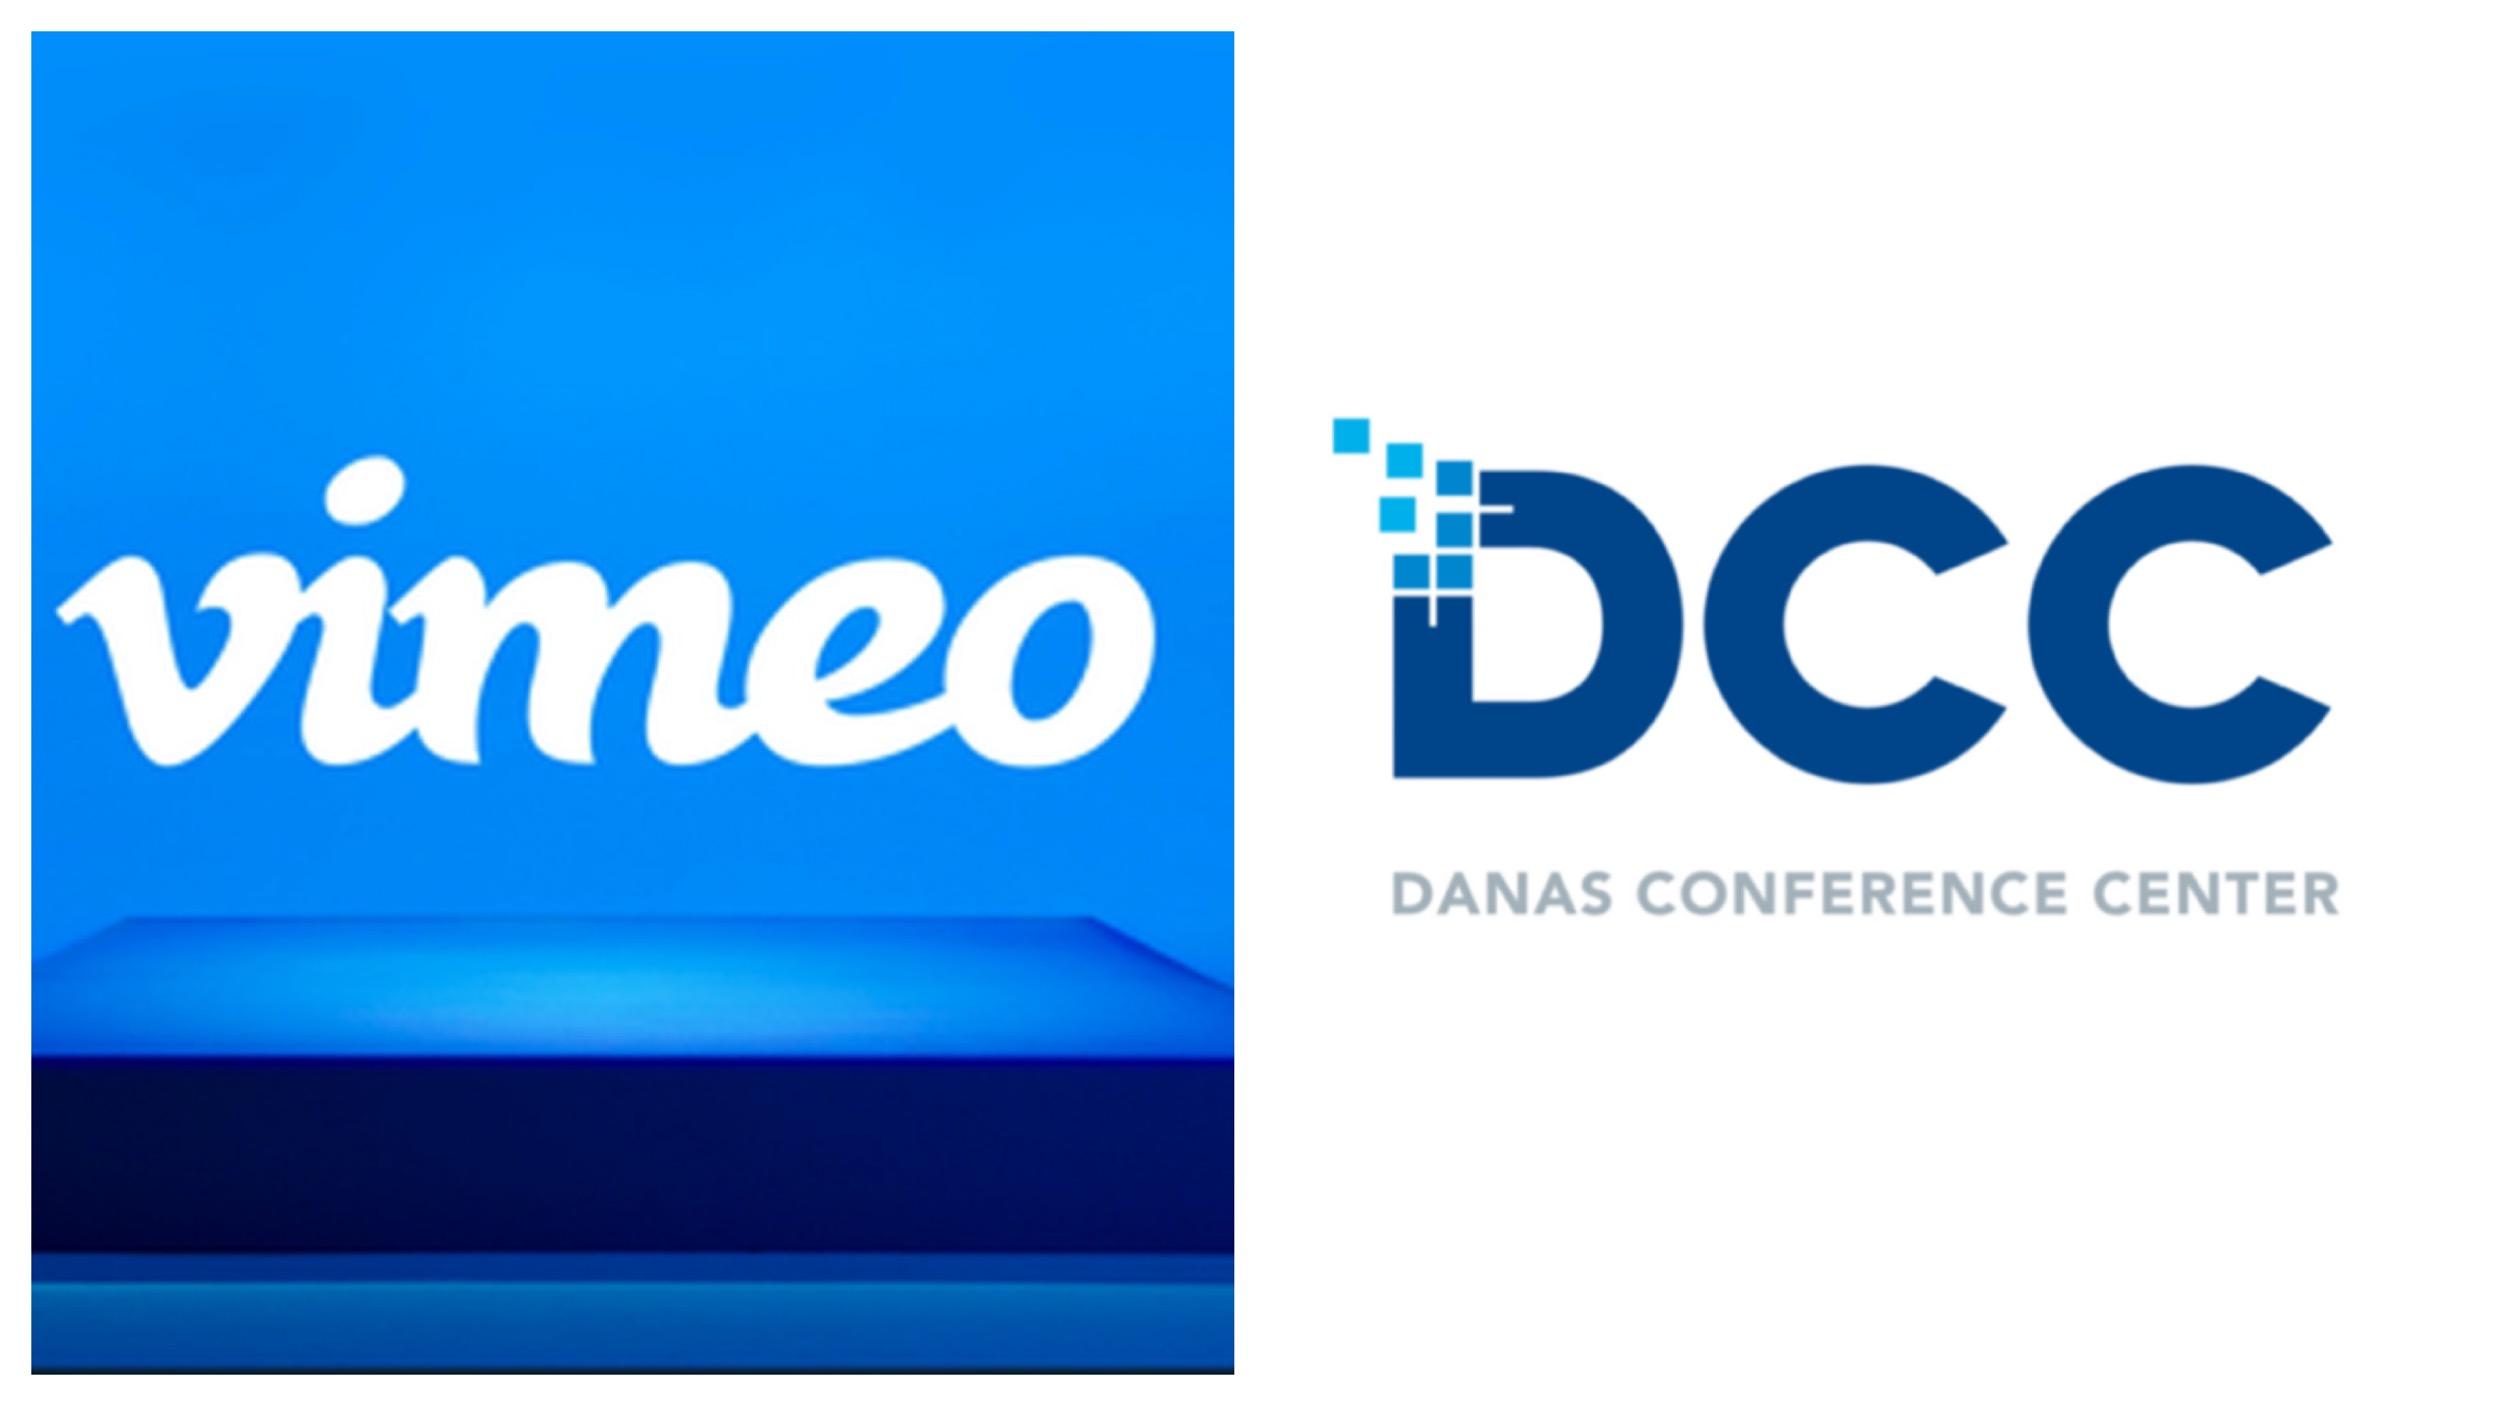 Danas Conference Center seli veliki deo svoje TV produkcije sa YouTube na video servis Vimeo